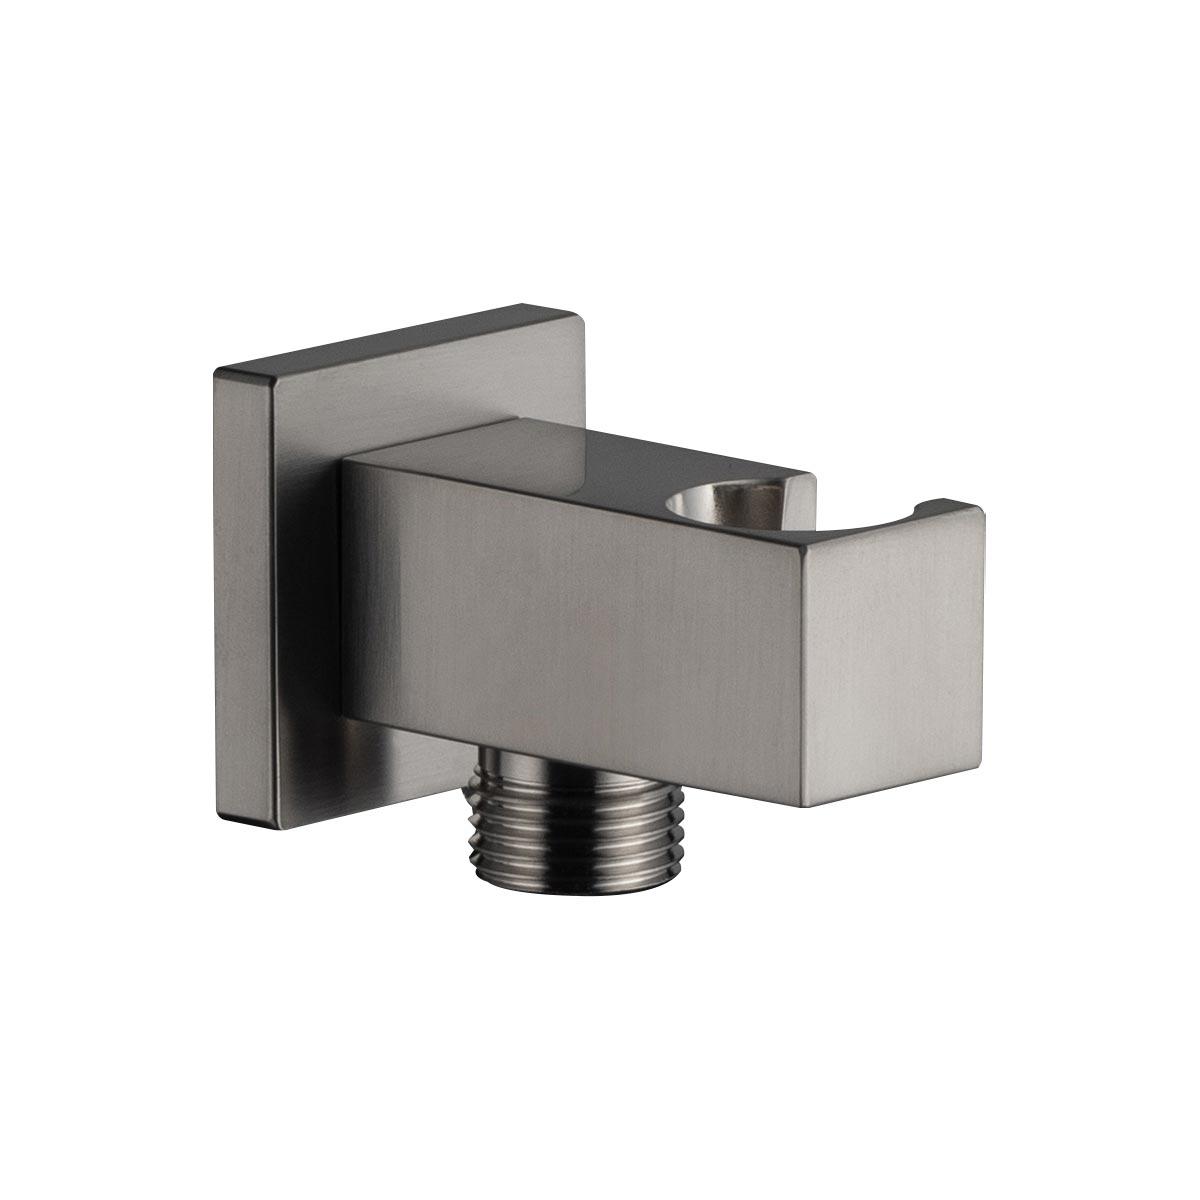 Presa acqua con supporto doccetta Quadra Laterale Nickel spazzolato